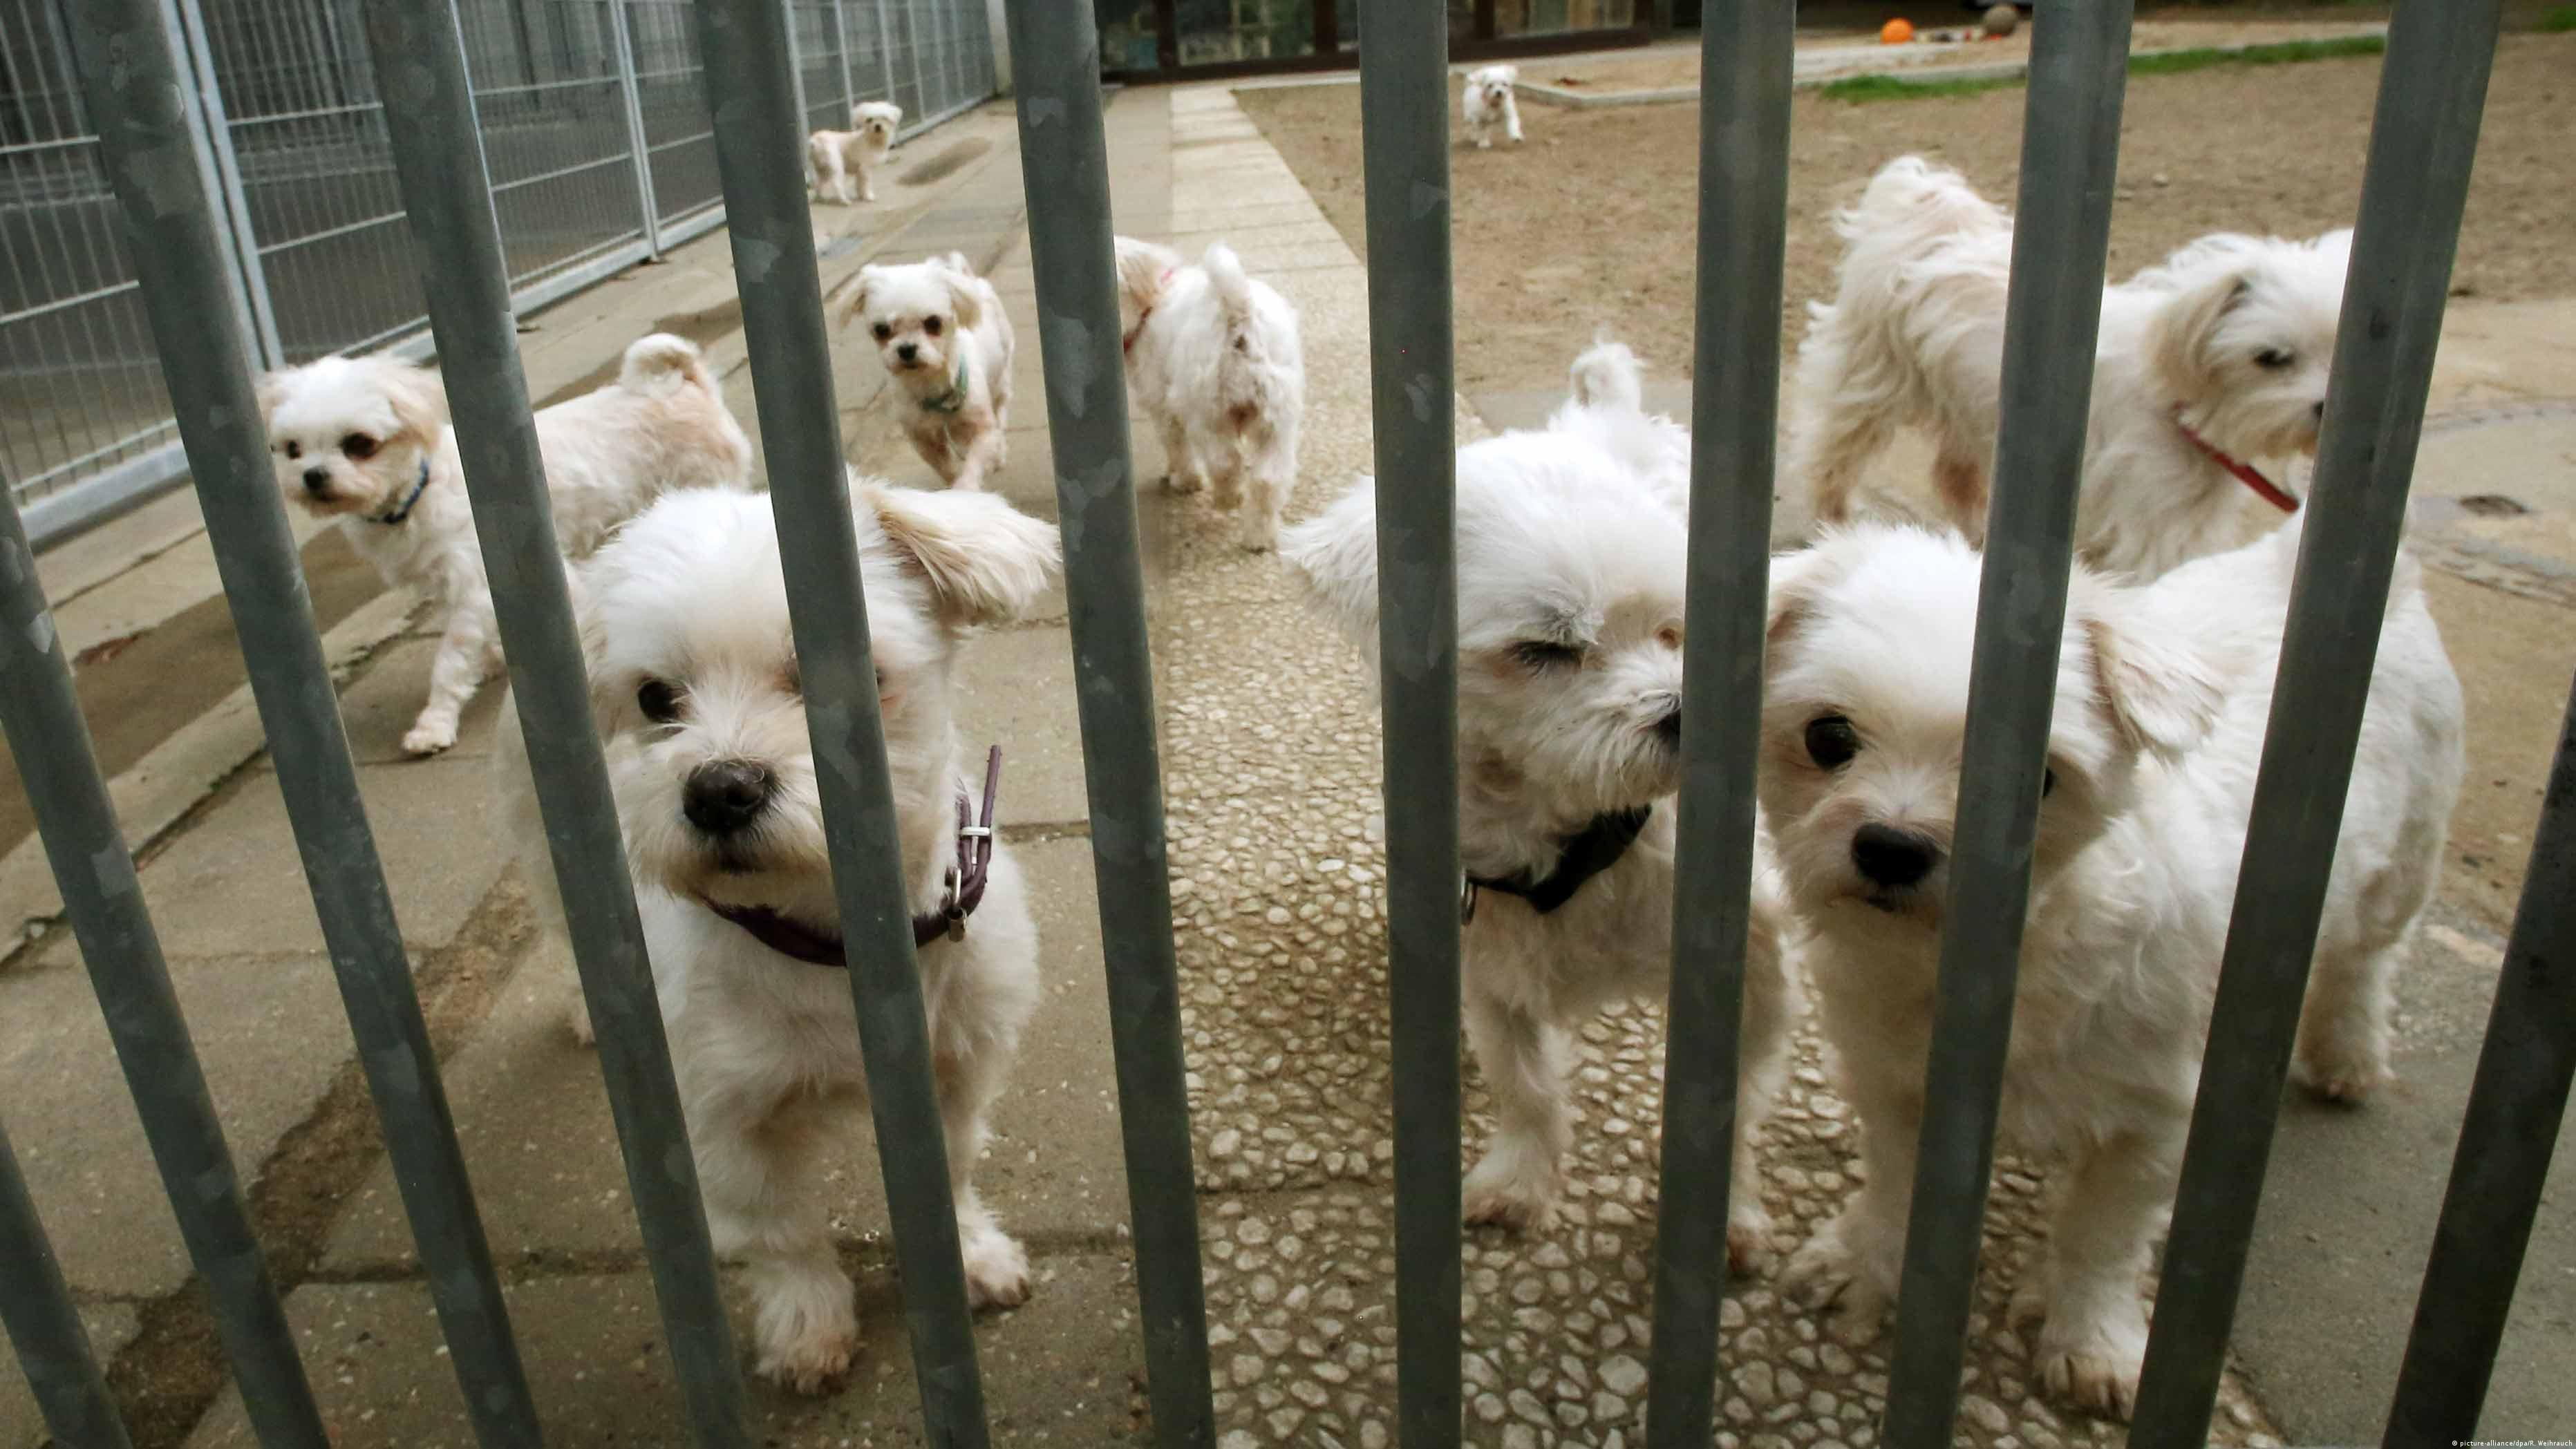 Almanya'da ihmal nedeniyle sahibinden alınarak bakımevine koyulan köpekler yeni sahiplerini bekliyor.